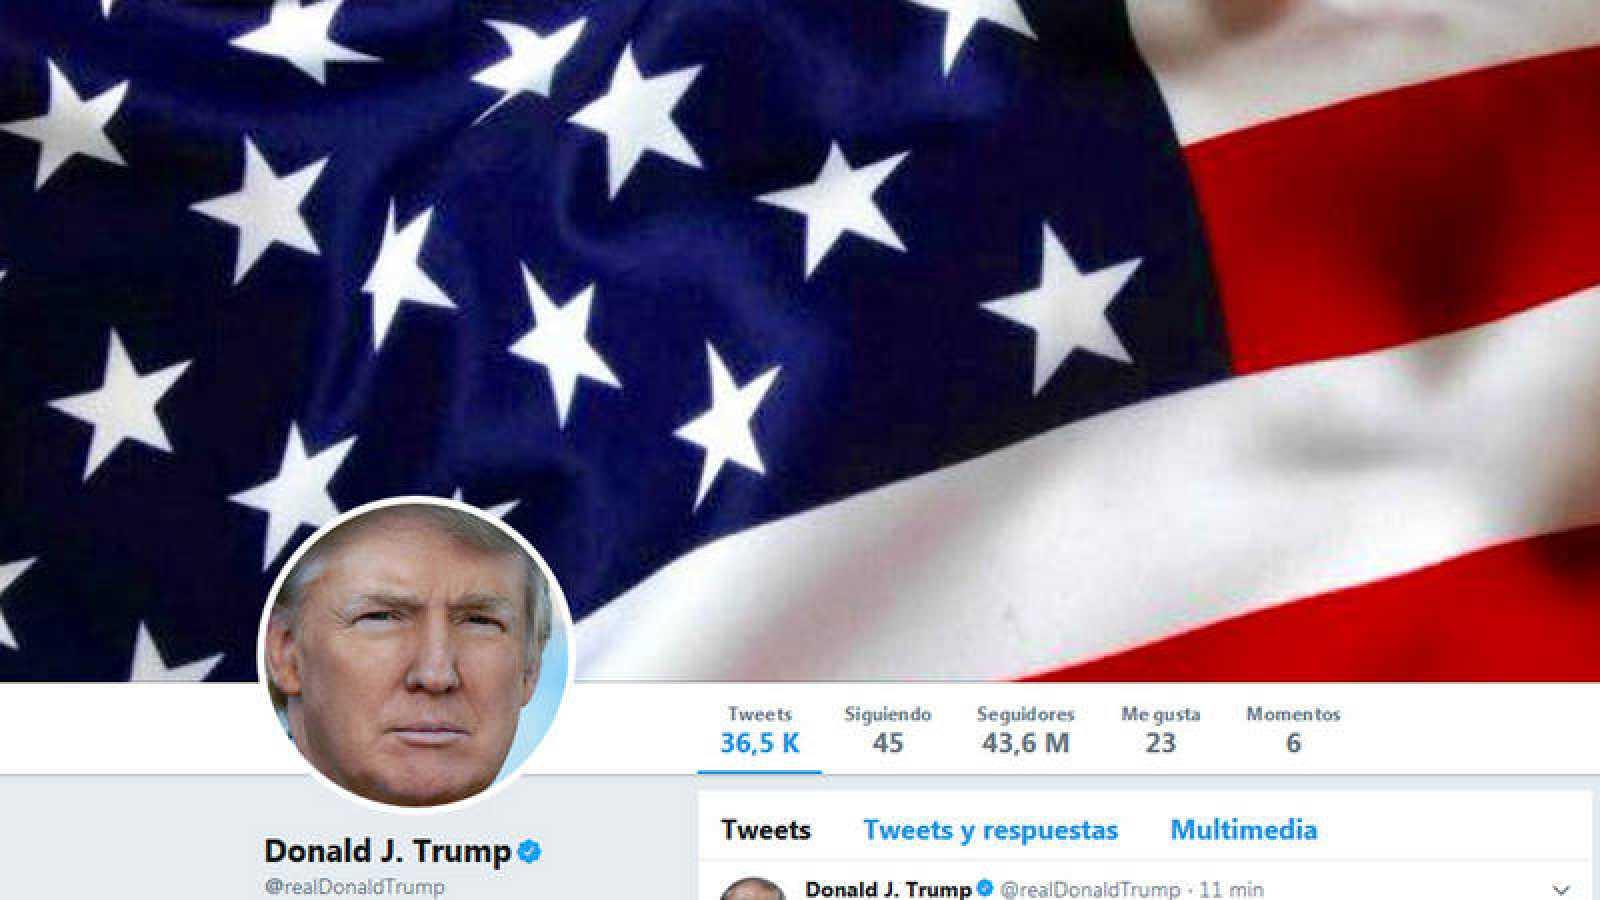 Trump retuitea #video sobre el covid-19 de una doctora que cree en demonios, reptilianos y amenaza con que Jesús destruirá #Facebook